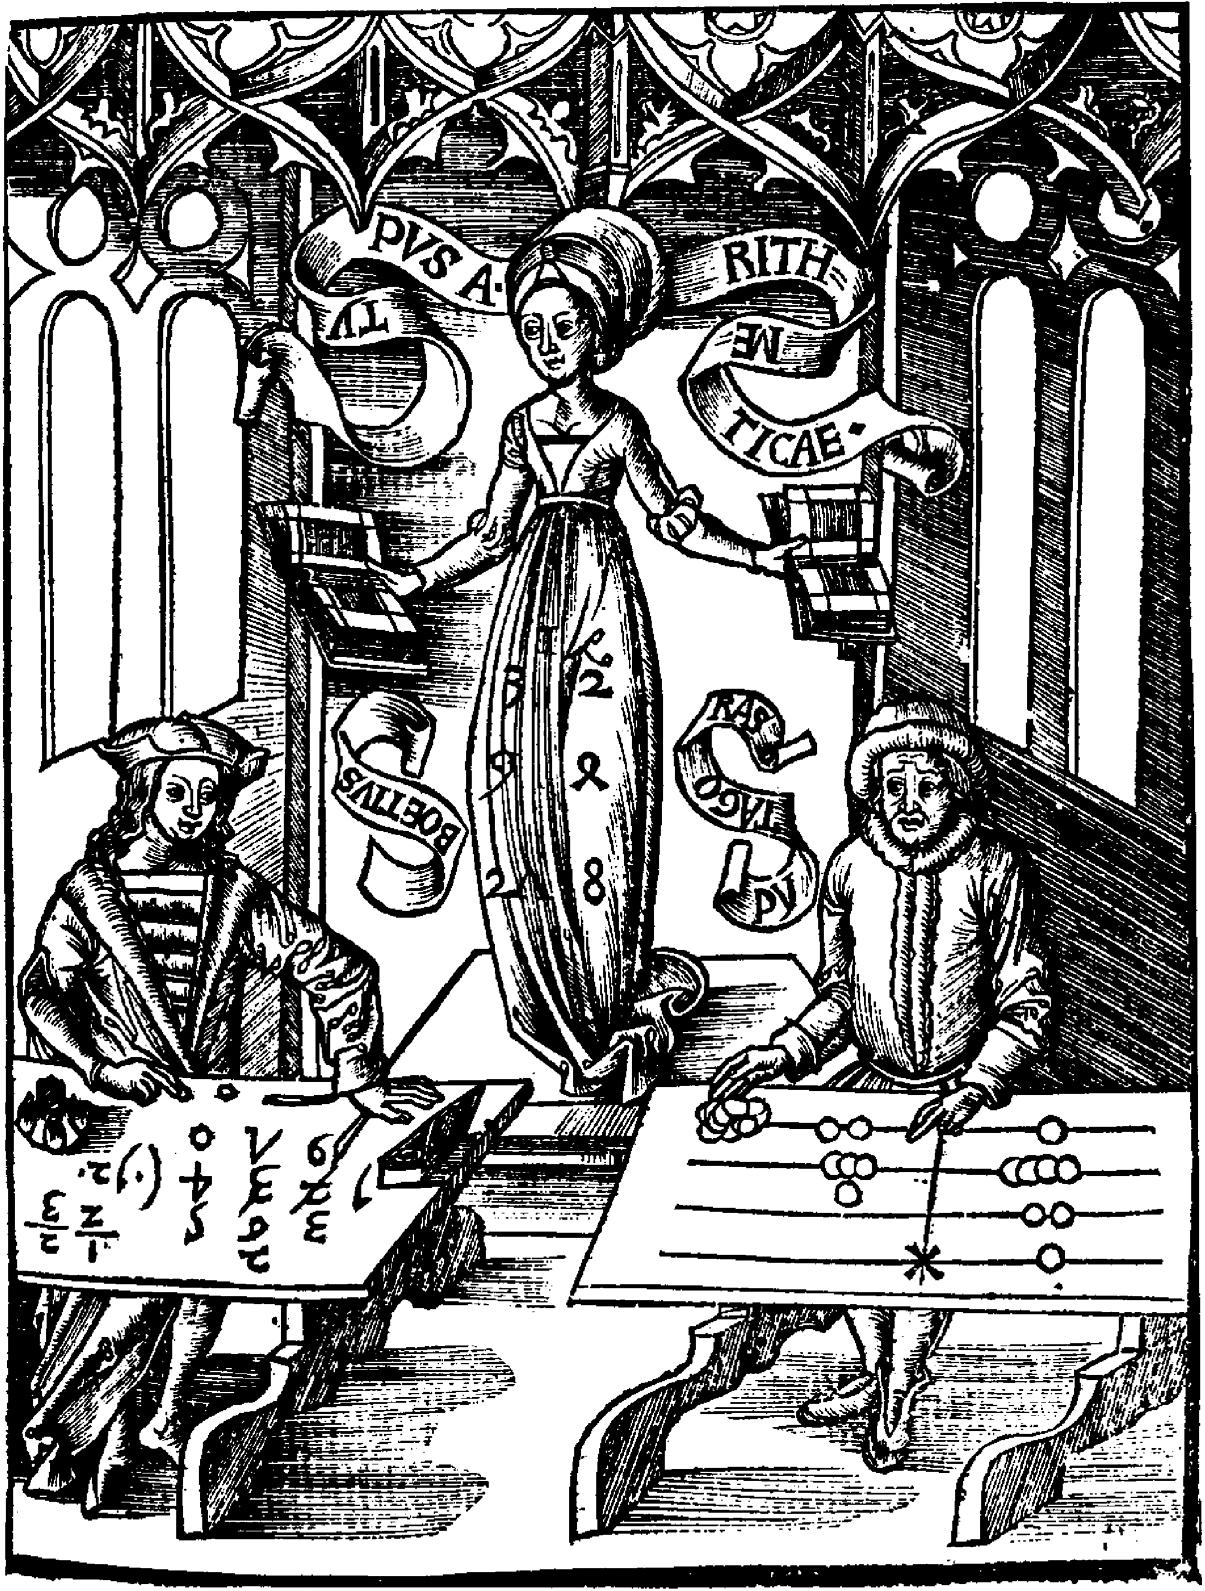 File:Gregor Reisch, Margarita Philosophica, 1508 (1230x1615).png